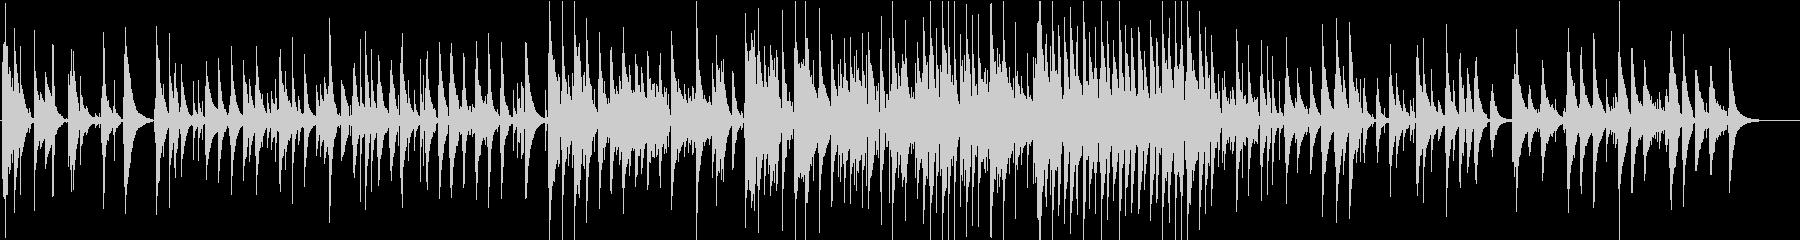 ソロのウクレレが演奏するオリジナル...の未再生の波形